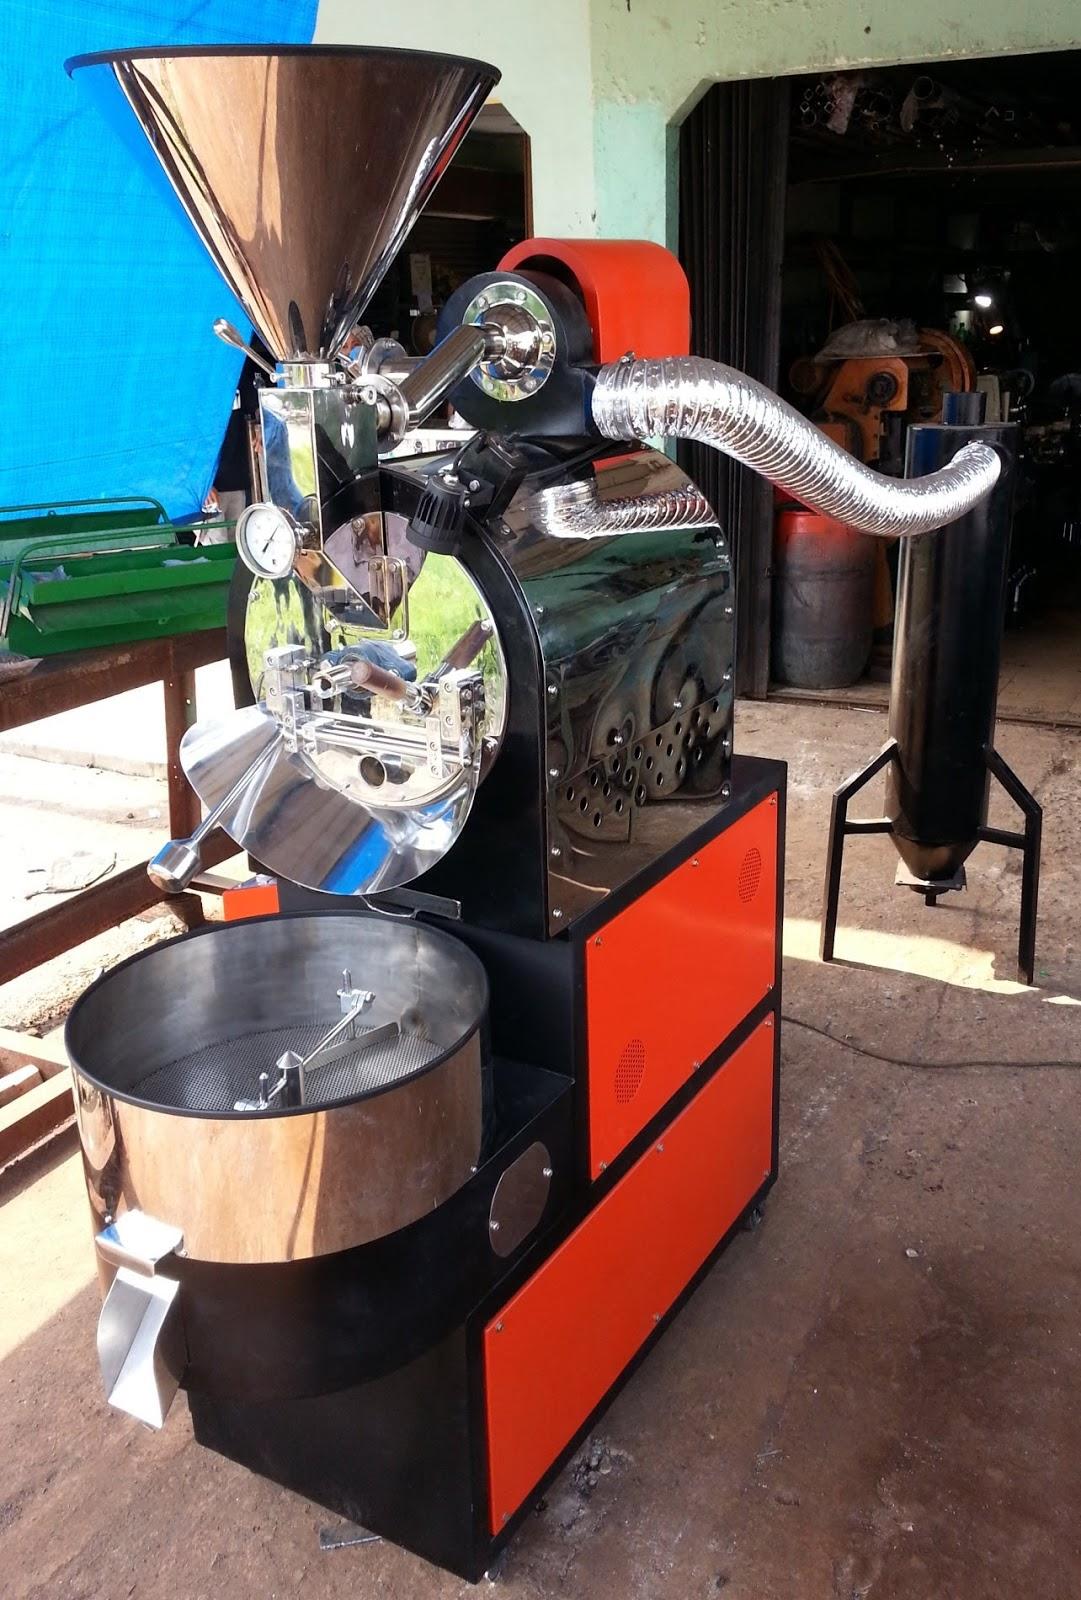 Spek umum mesin roasting kopi diantaranya menggunakan bahan stainless steel tebal 2mm pada bagian funnel outer drum dan cooling